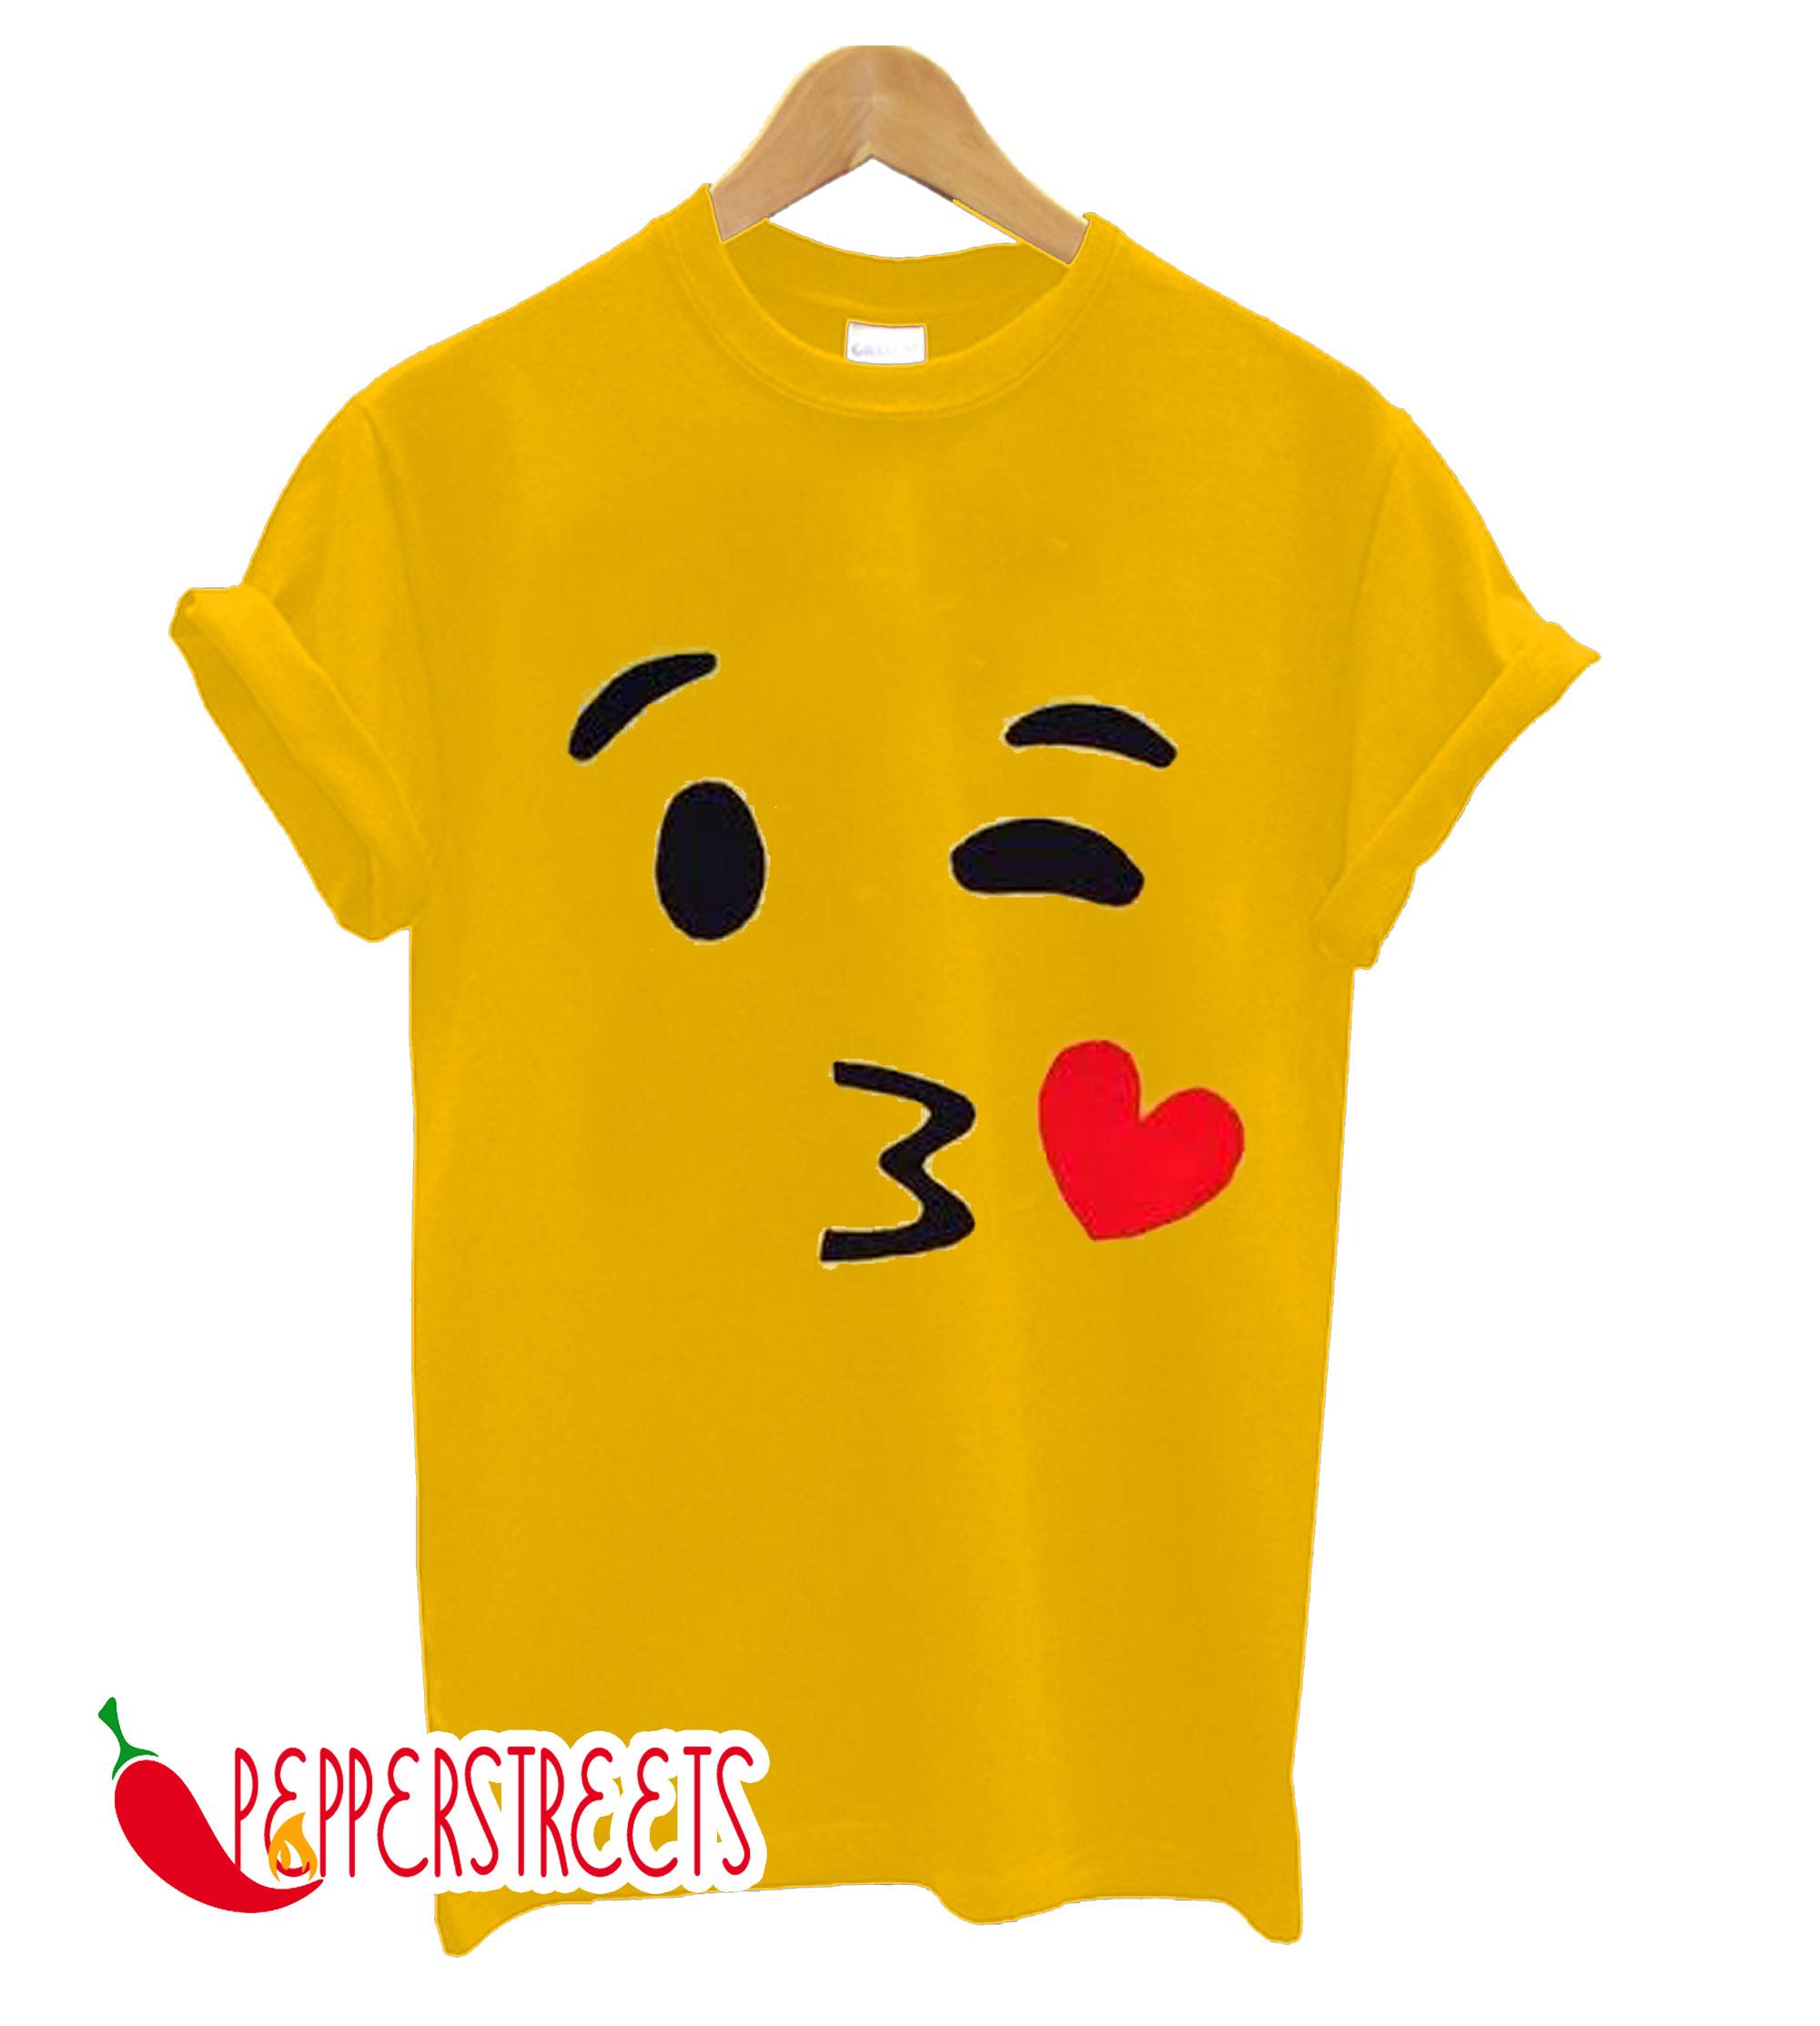 1001 Ideen Wie Sie T-shirt